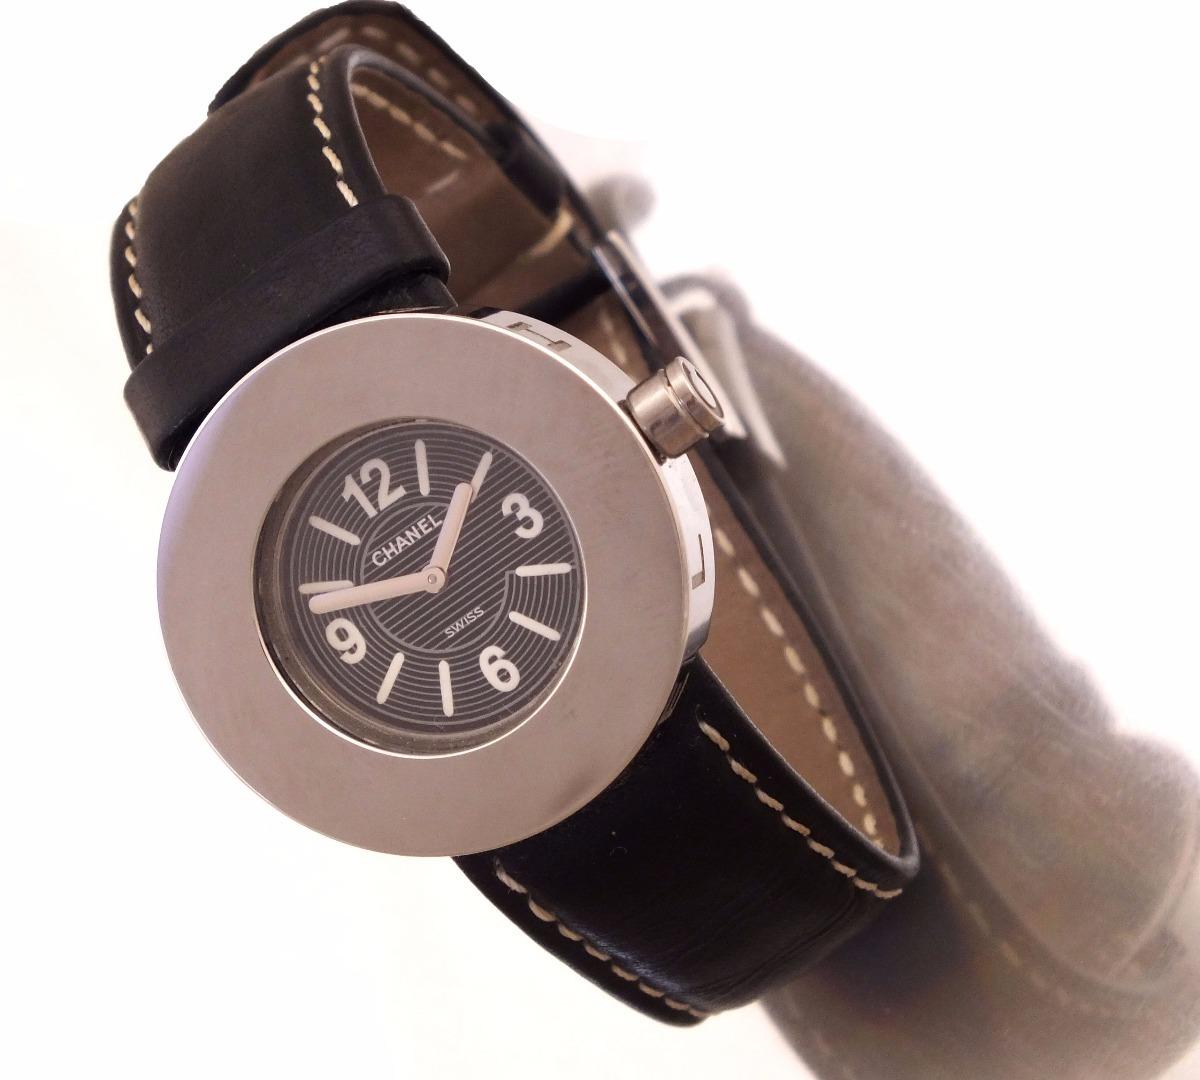 23b597b7329 Relógio Francês Chanel Feminino Feito Em Aço J8914 - R  1.399